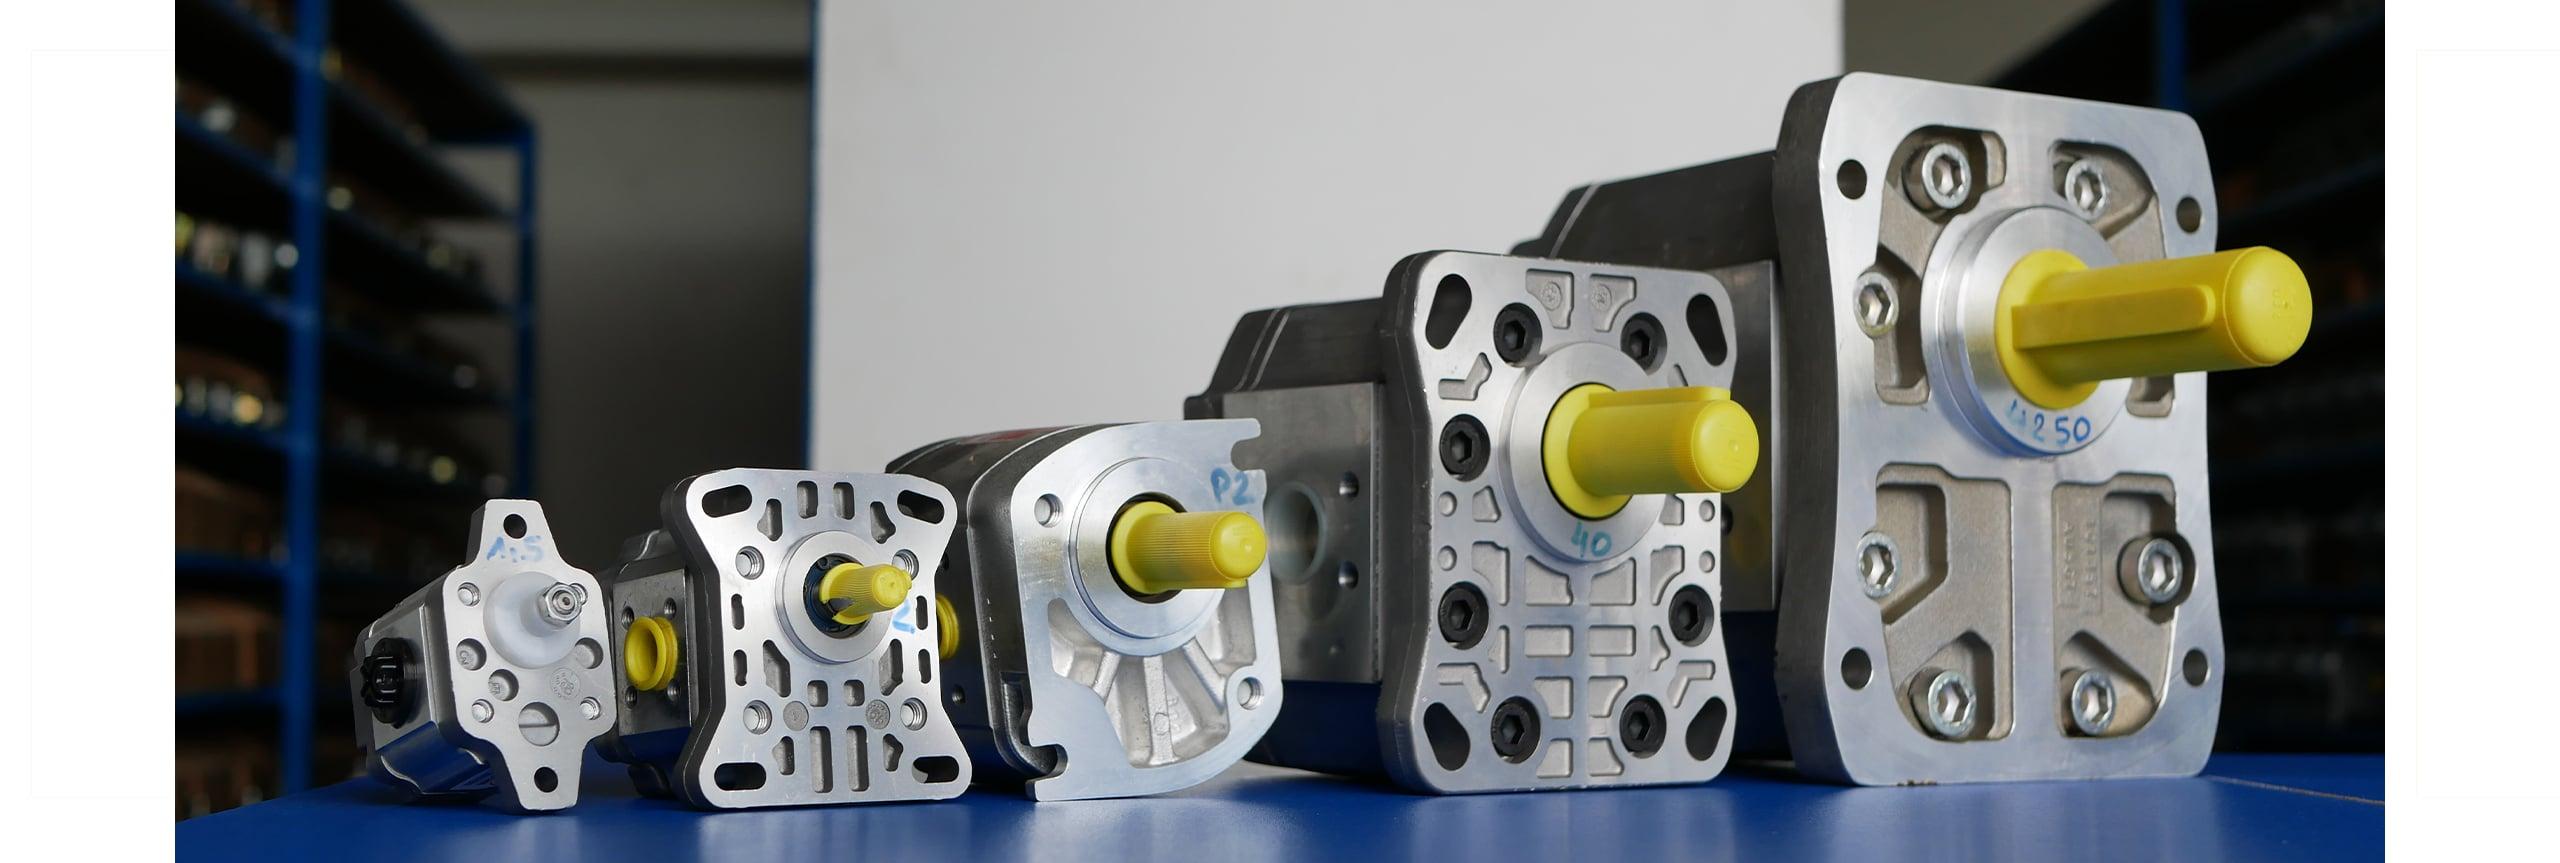 Pompes et moteurs hydrauliques HPI JTEKT - Missio Hydraulique